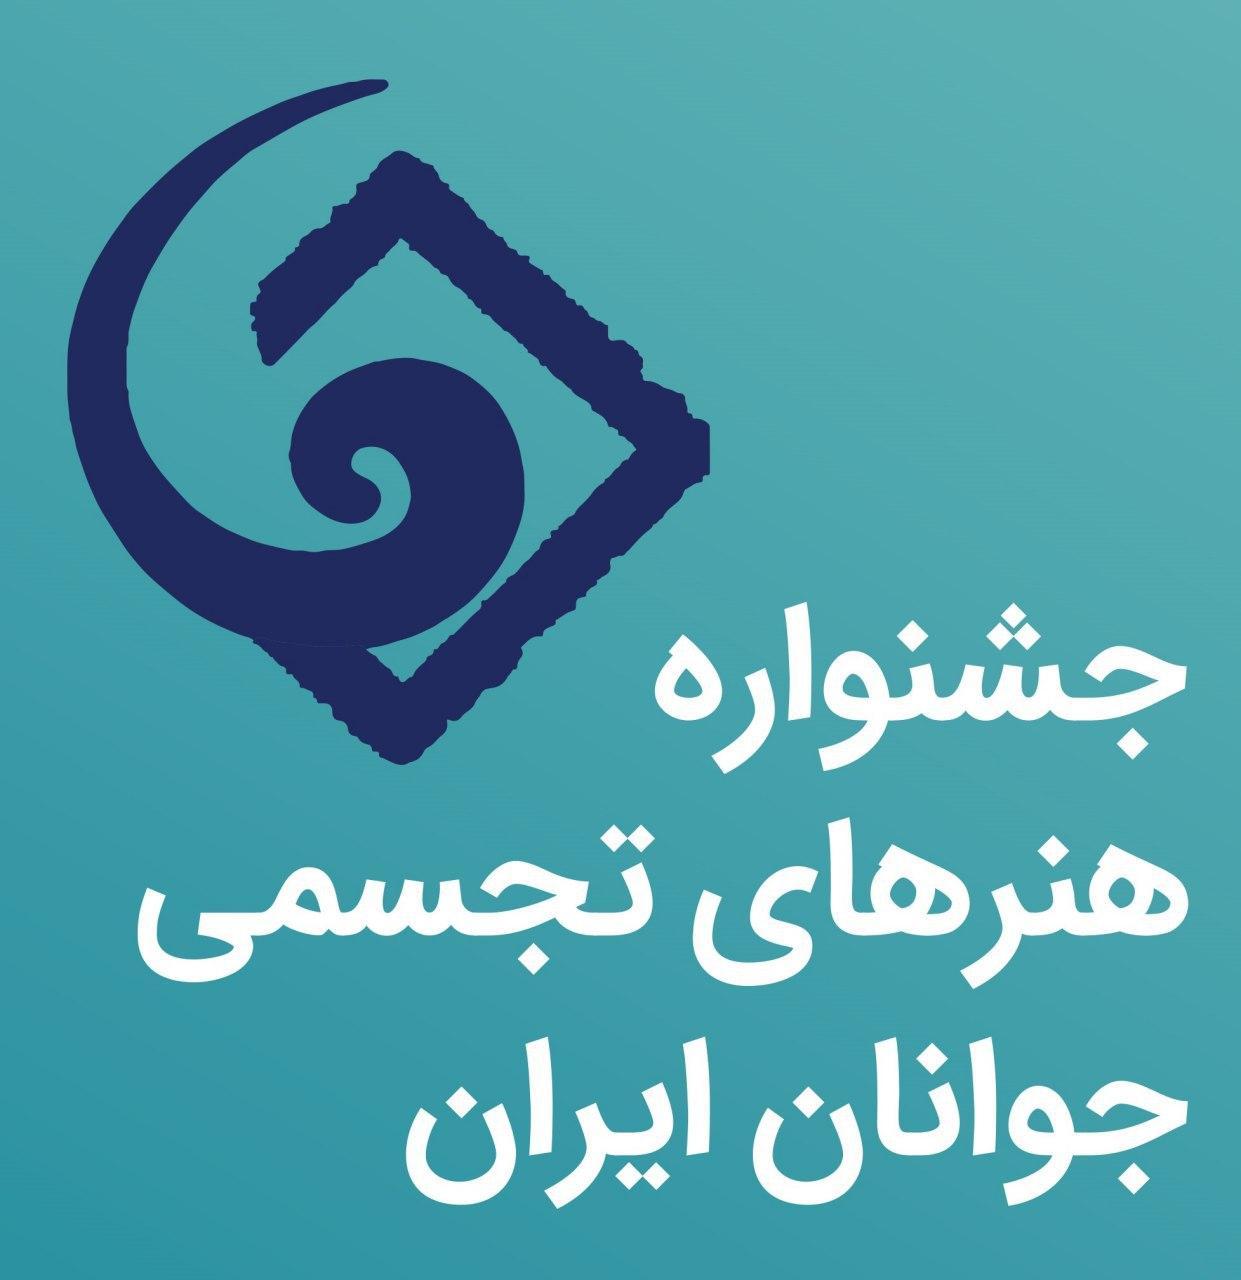 معرفی دبیر و اعضای شورای سیاستگذاری بیست و هفتمین جشنواره هنرهای تجسمی جوانان